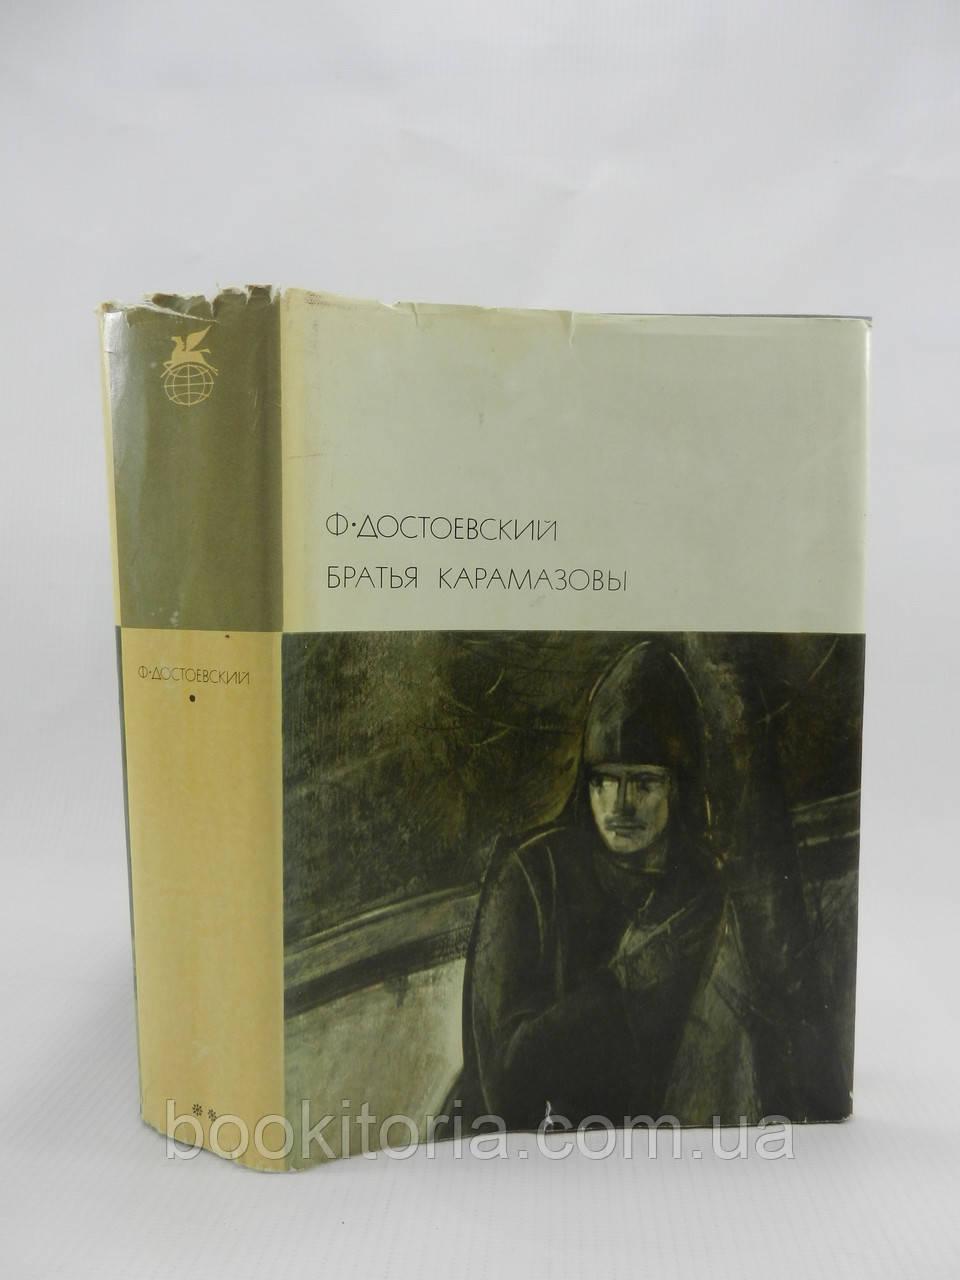 Достоевский Ф. Братья Карамазовы (б/у).